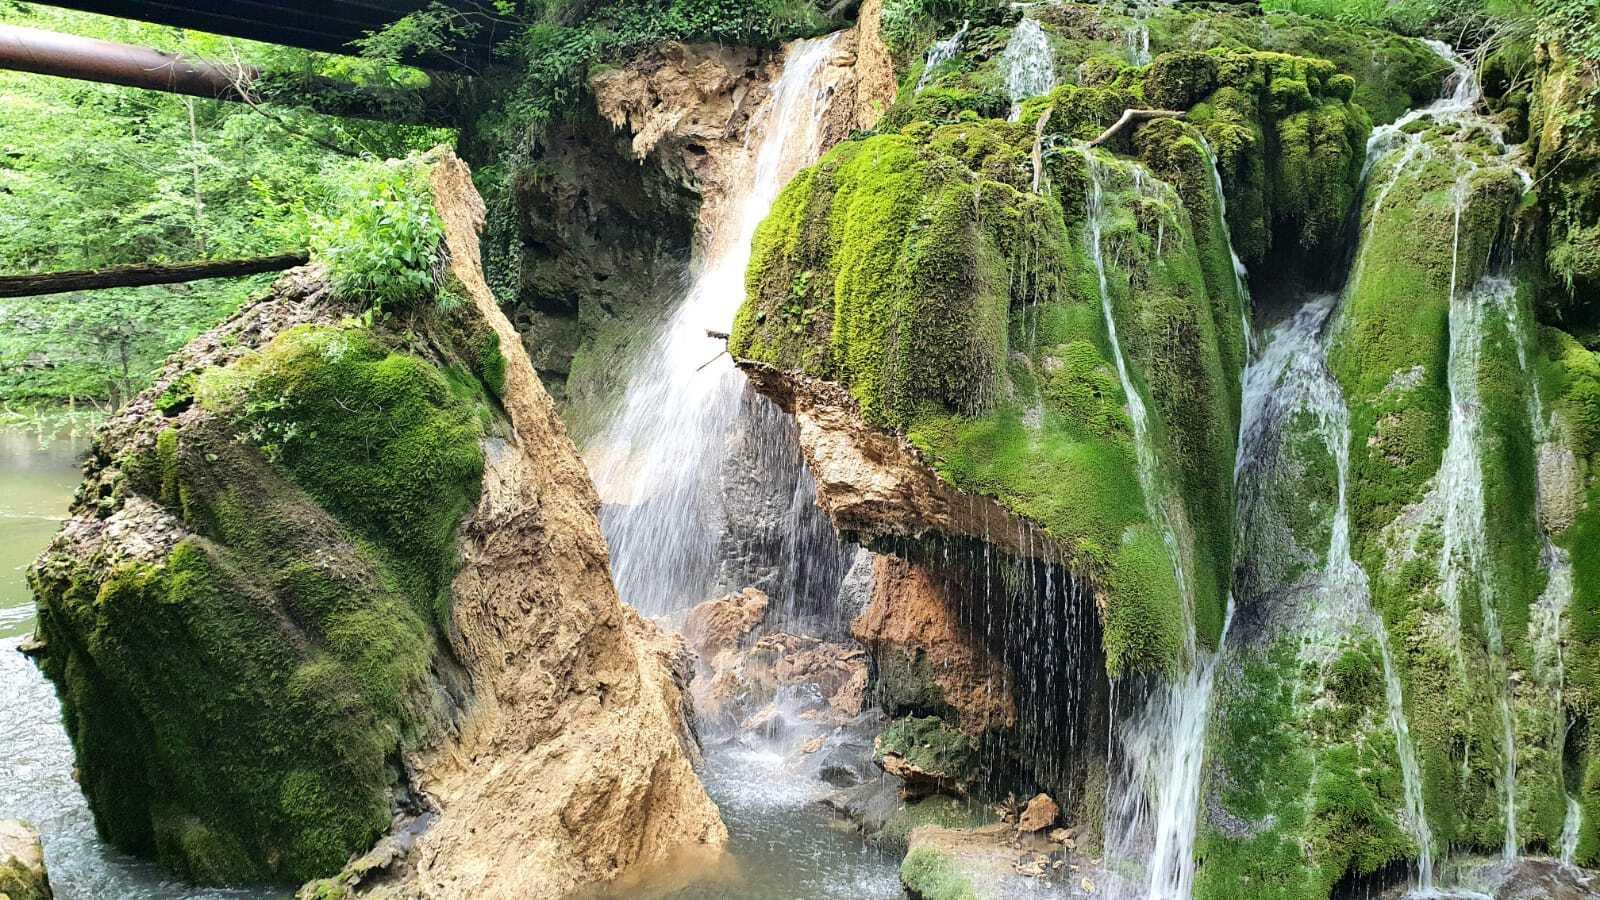 Prăbuşirea cascadei Bigăr este investigată de Garda Naţională de Mediu. Romsilva respinge acuzațiile de neglijență